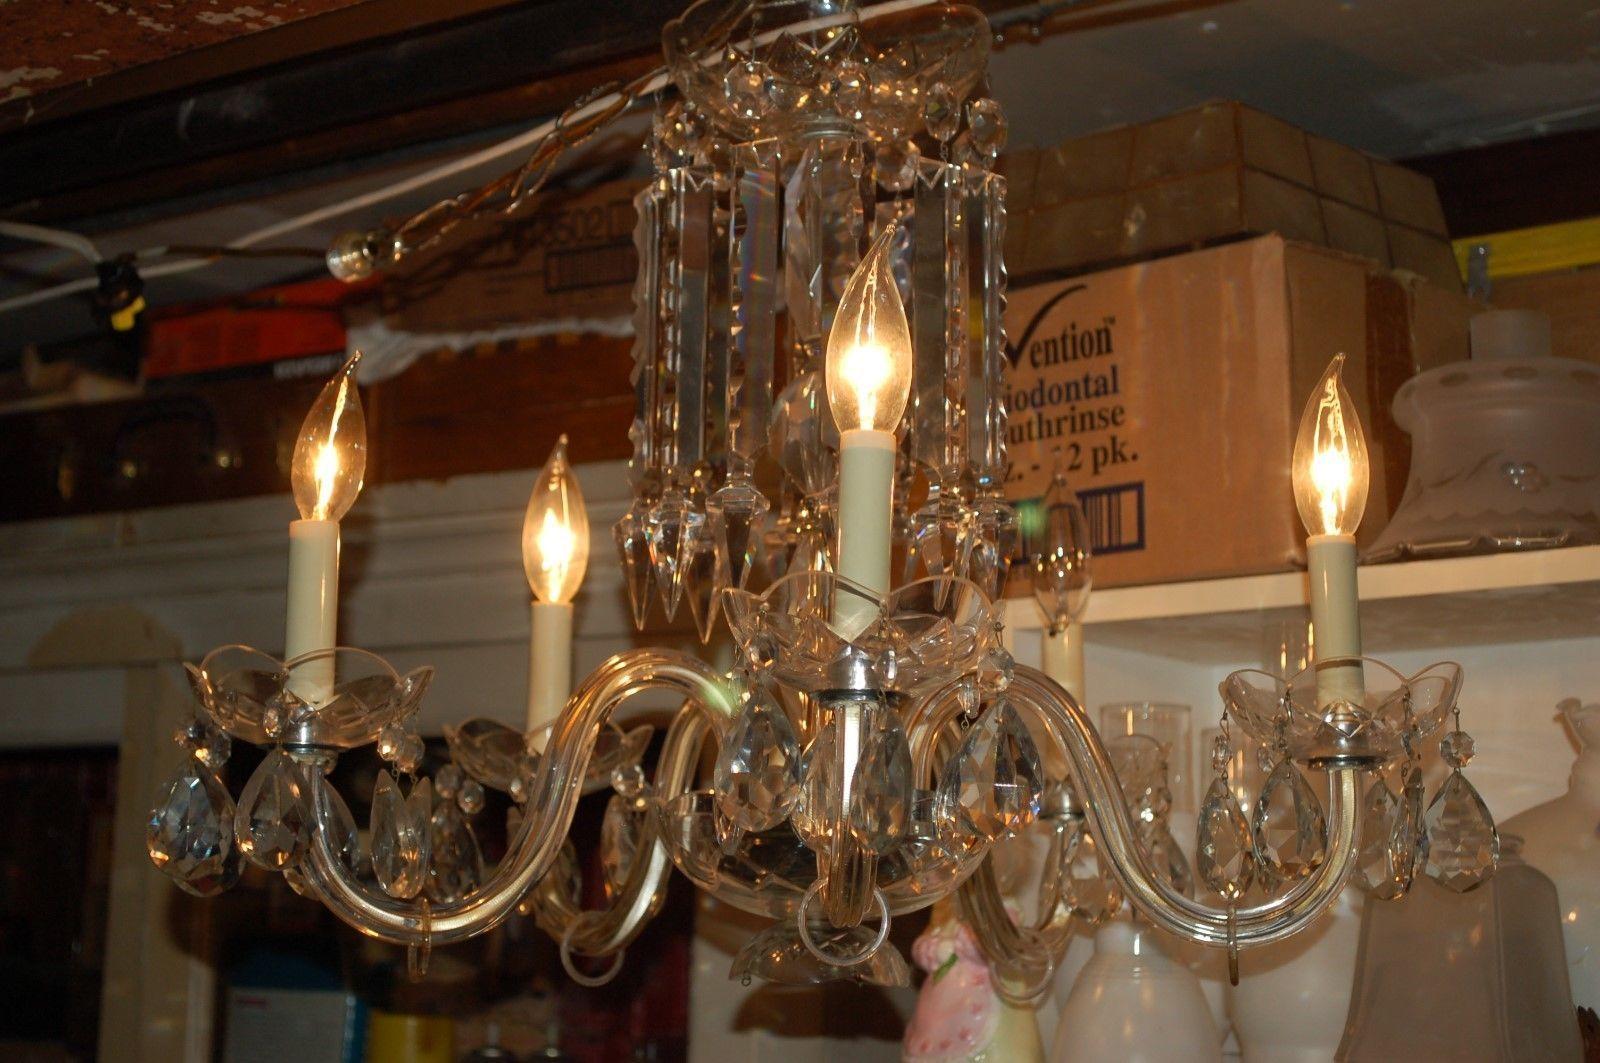 Vintage Cut Glass Prism Crystal 5 Arm Candelabra Hanging Chandelier Ceiling Lamp | eBay